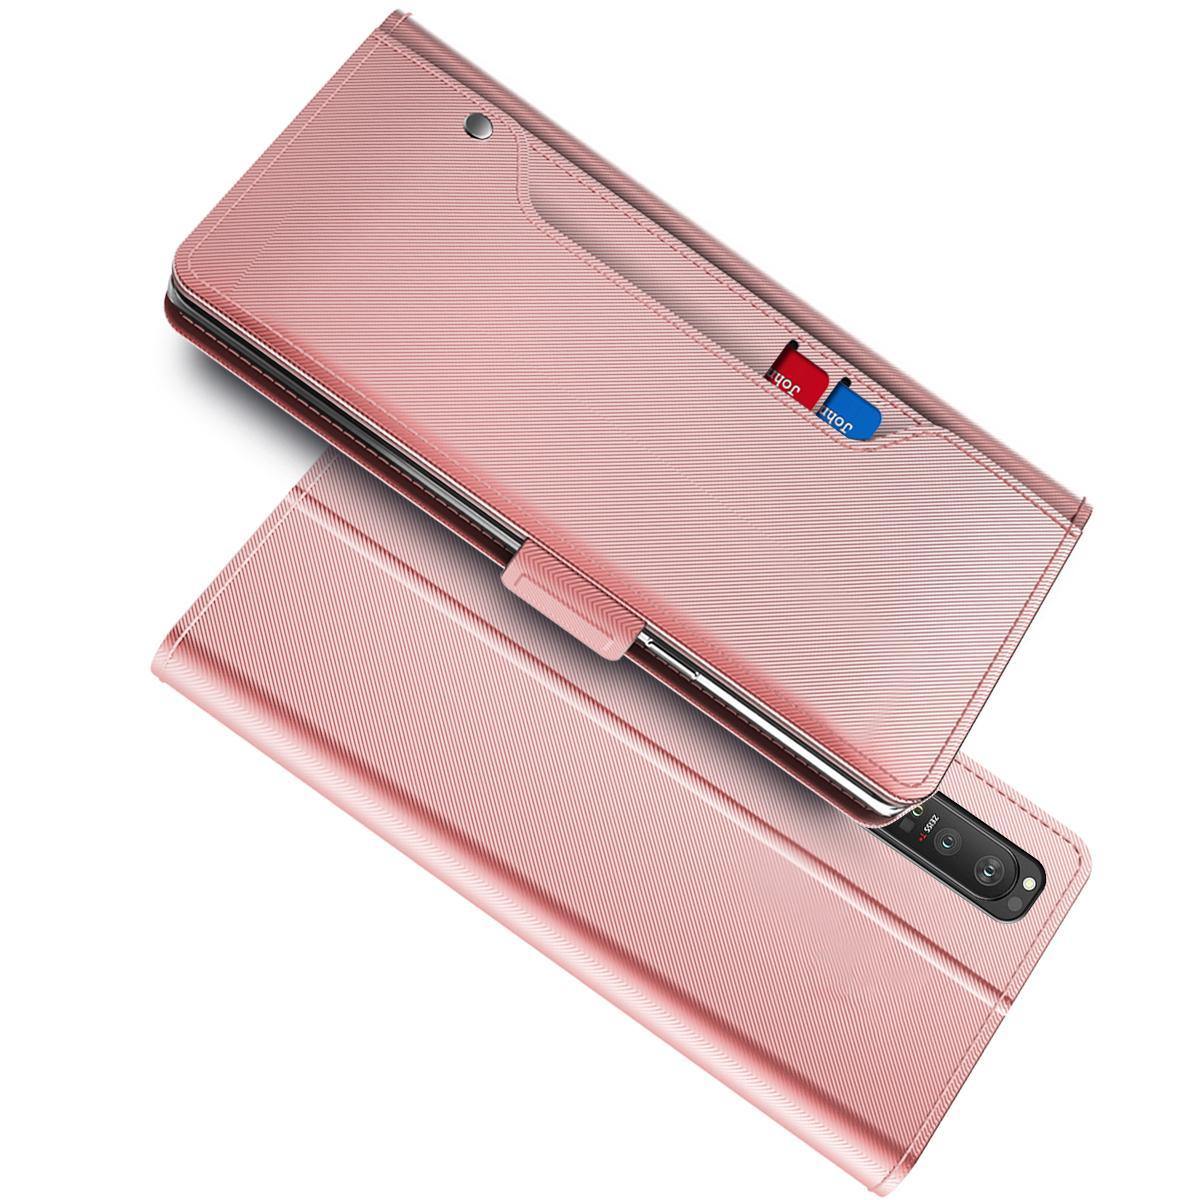 Suojakotelo Peili Sony Xperia 1 III Vaaleanpunainen